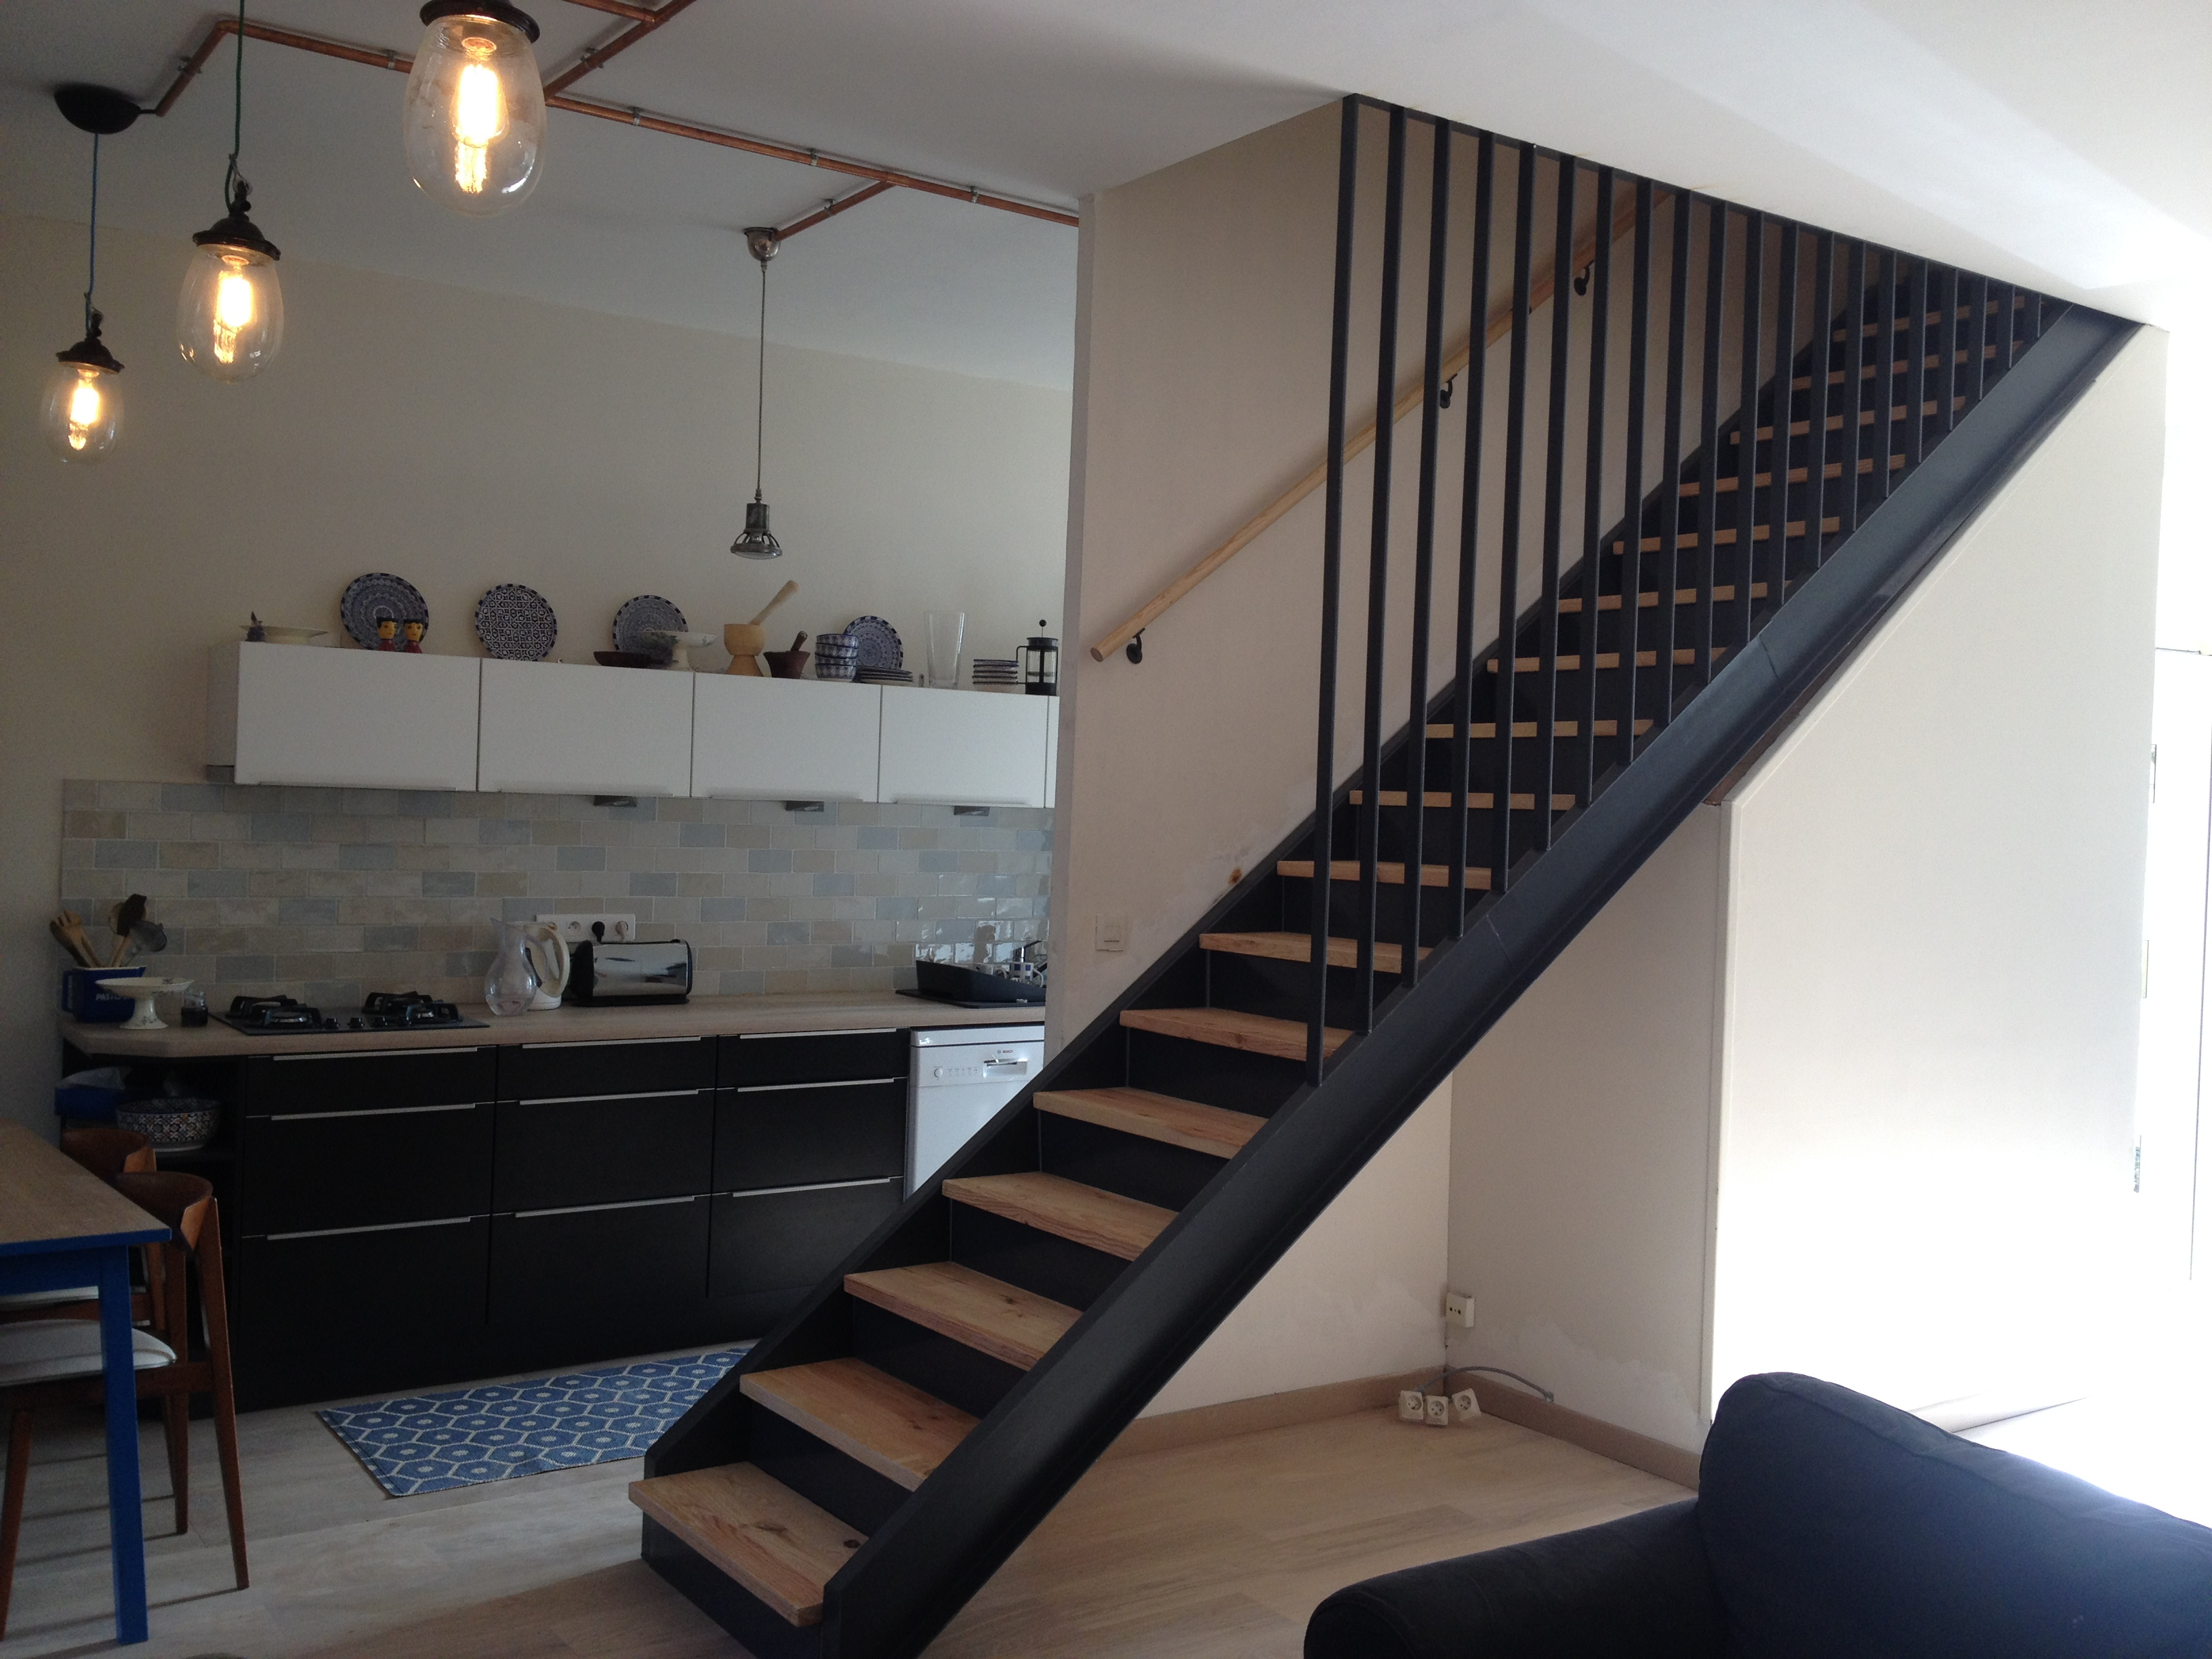 Escalier droit métal & bois réalisé sur mesure.